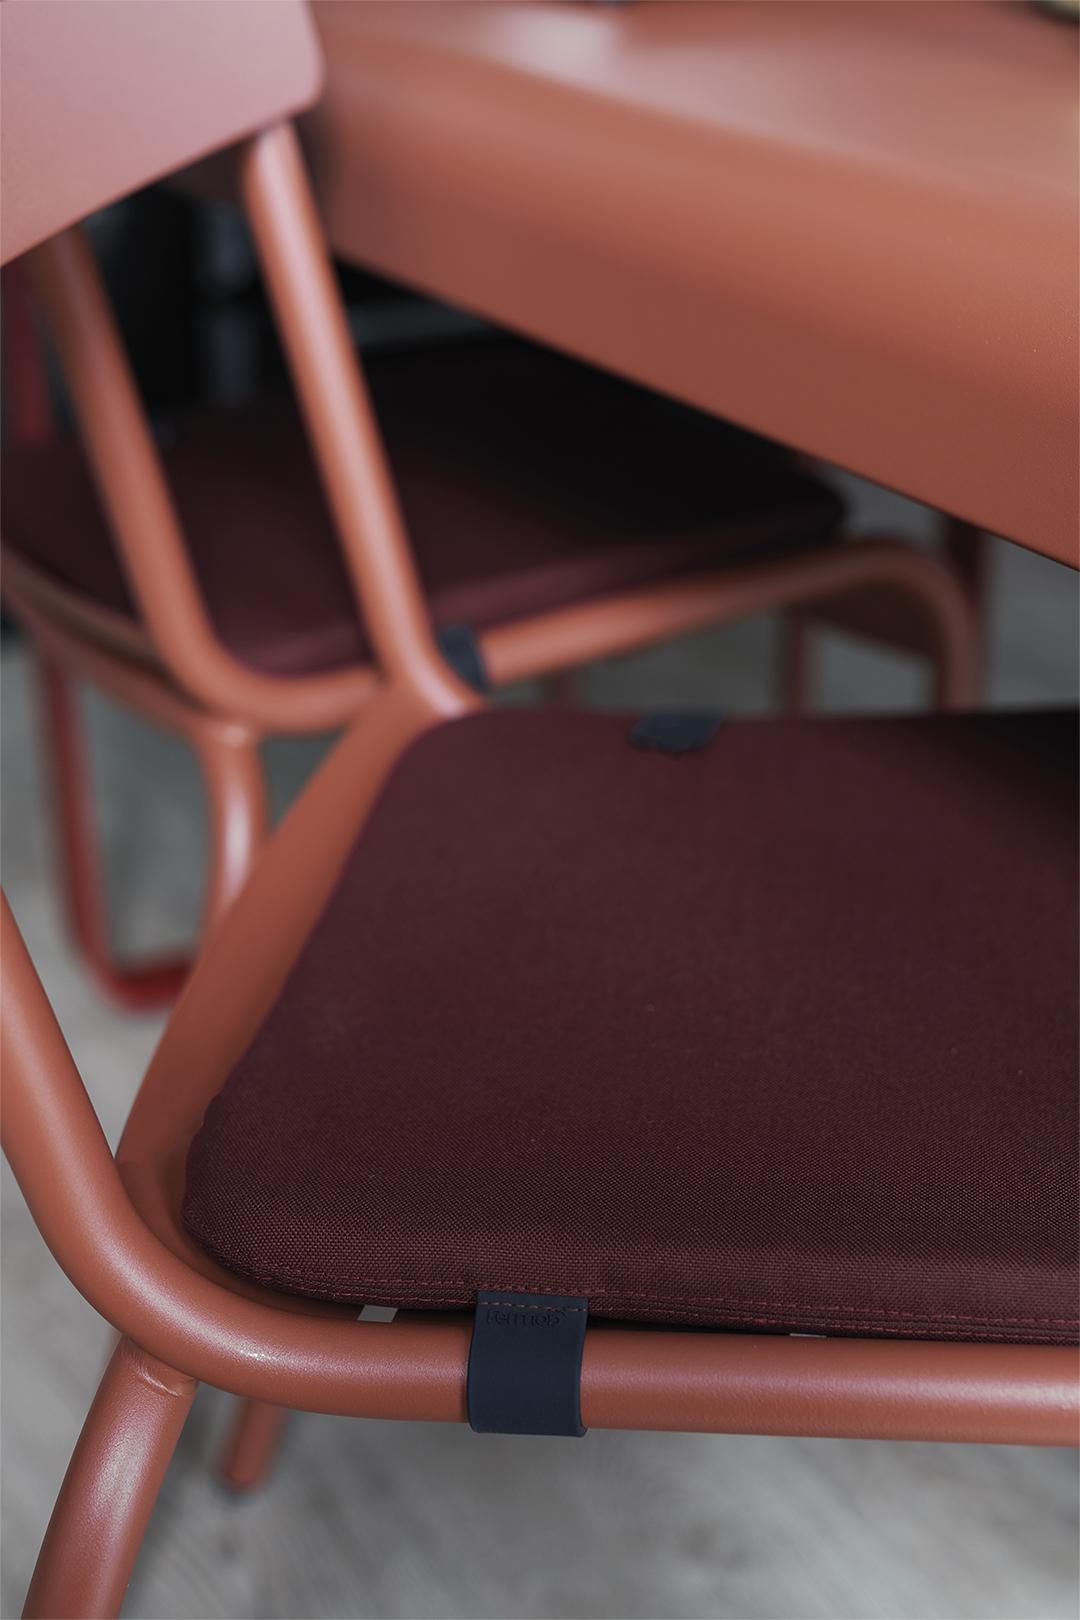 galette de chaise, chaise de chaise fermob, galette chaise de jardin